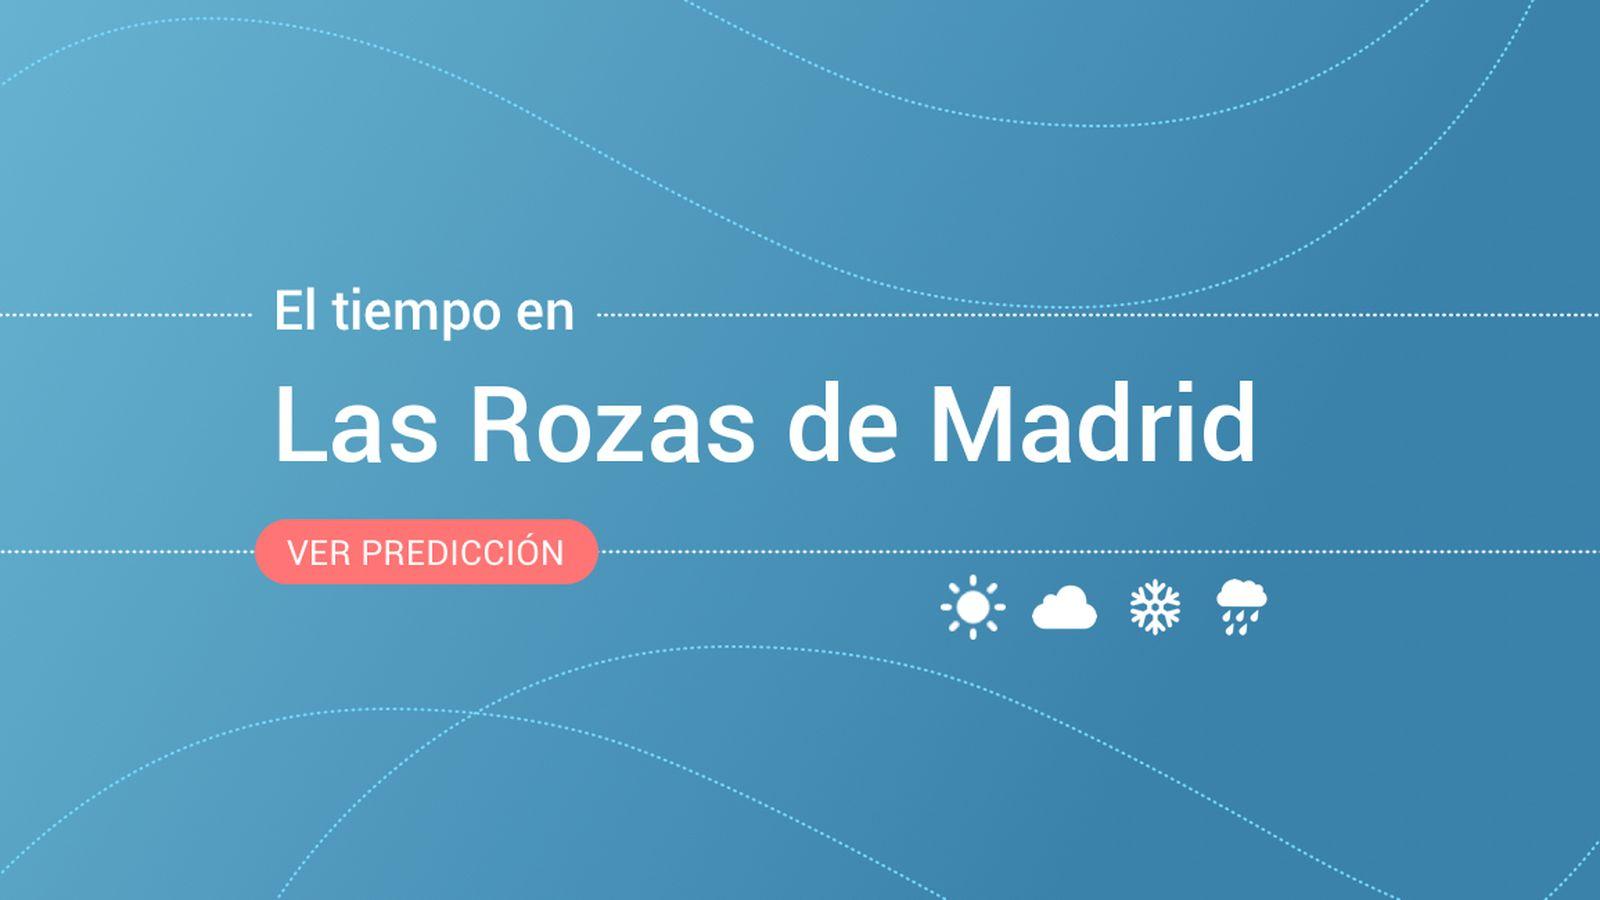 Foto: El tiempo en Las Rozas de Madrid. (EC)